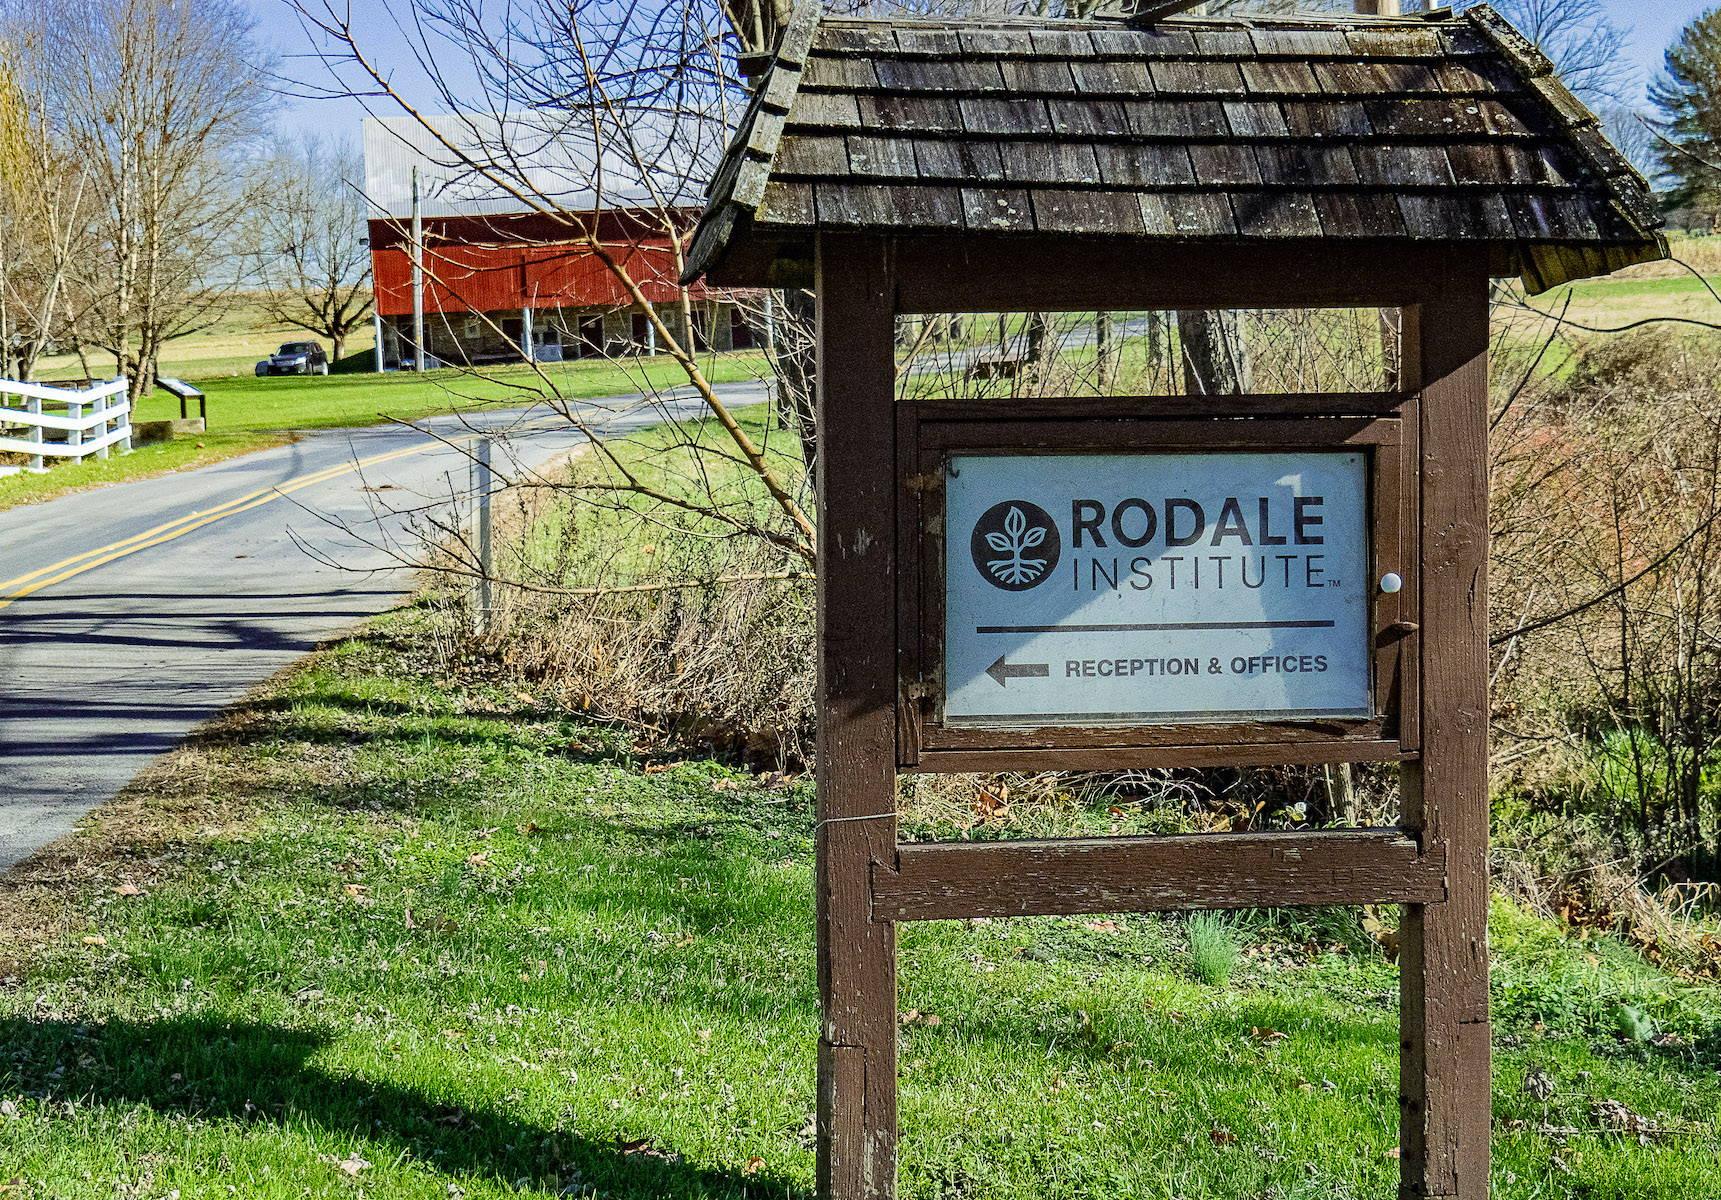 Rodale Institute signage